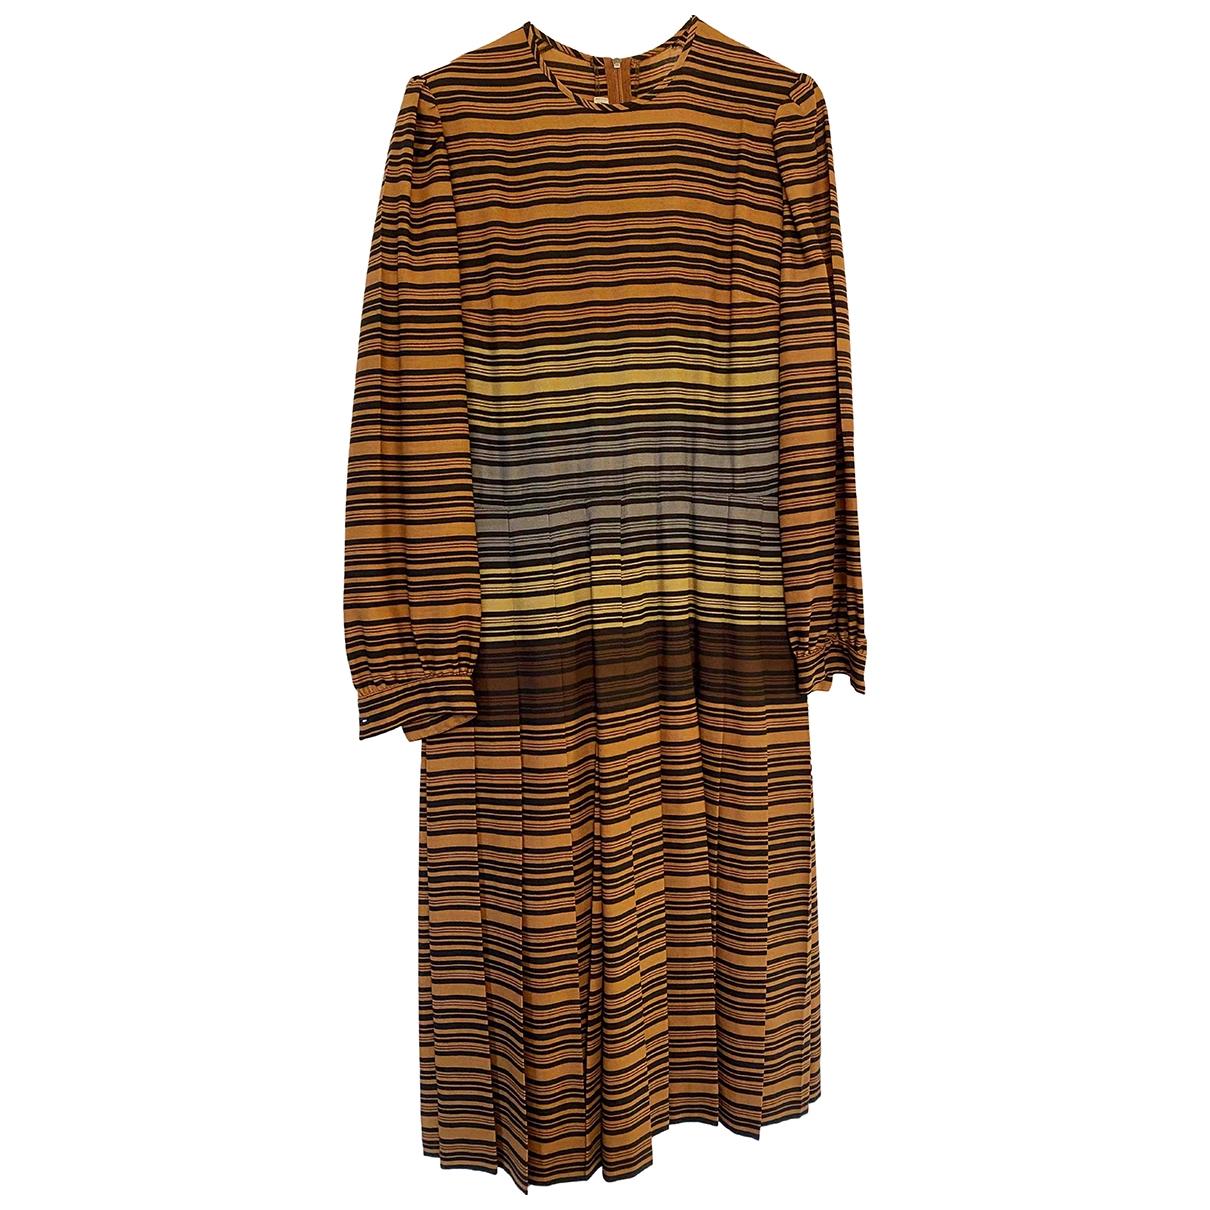 Lanvin \N Kleid in  Braun Wolle